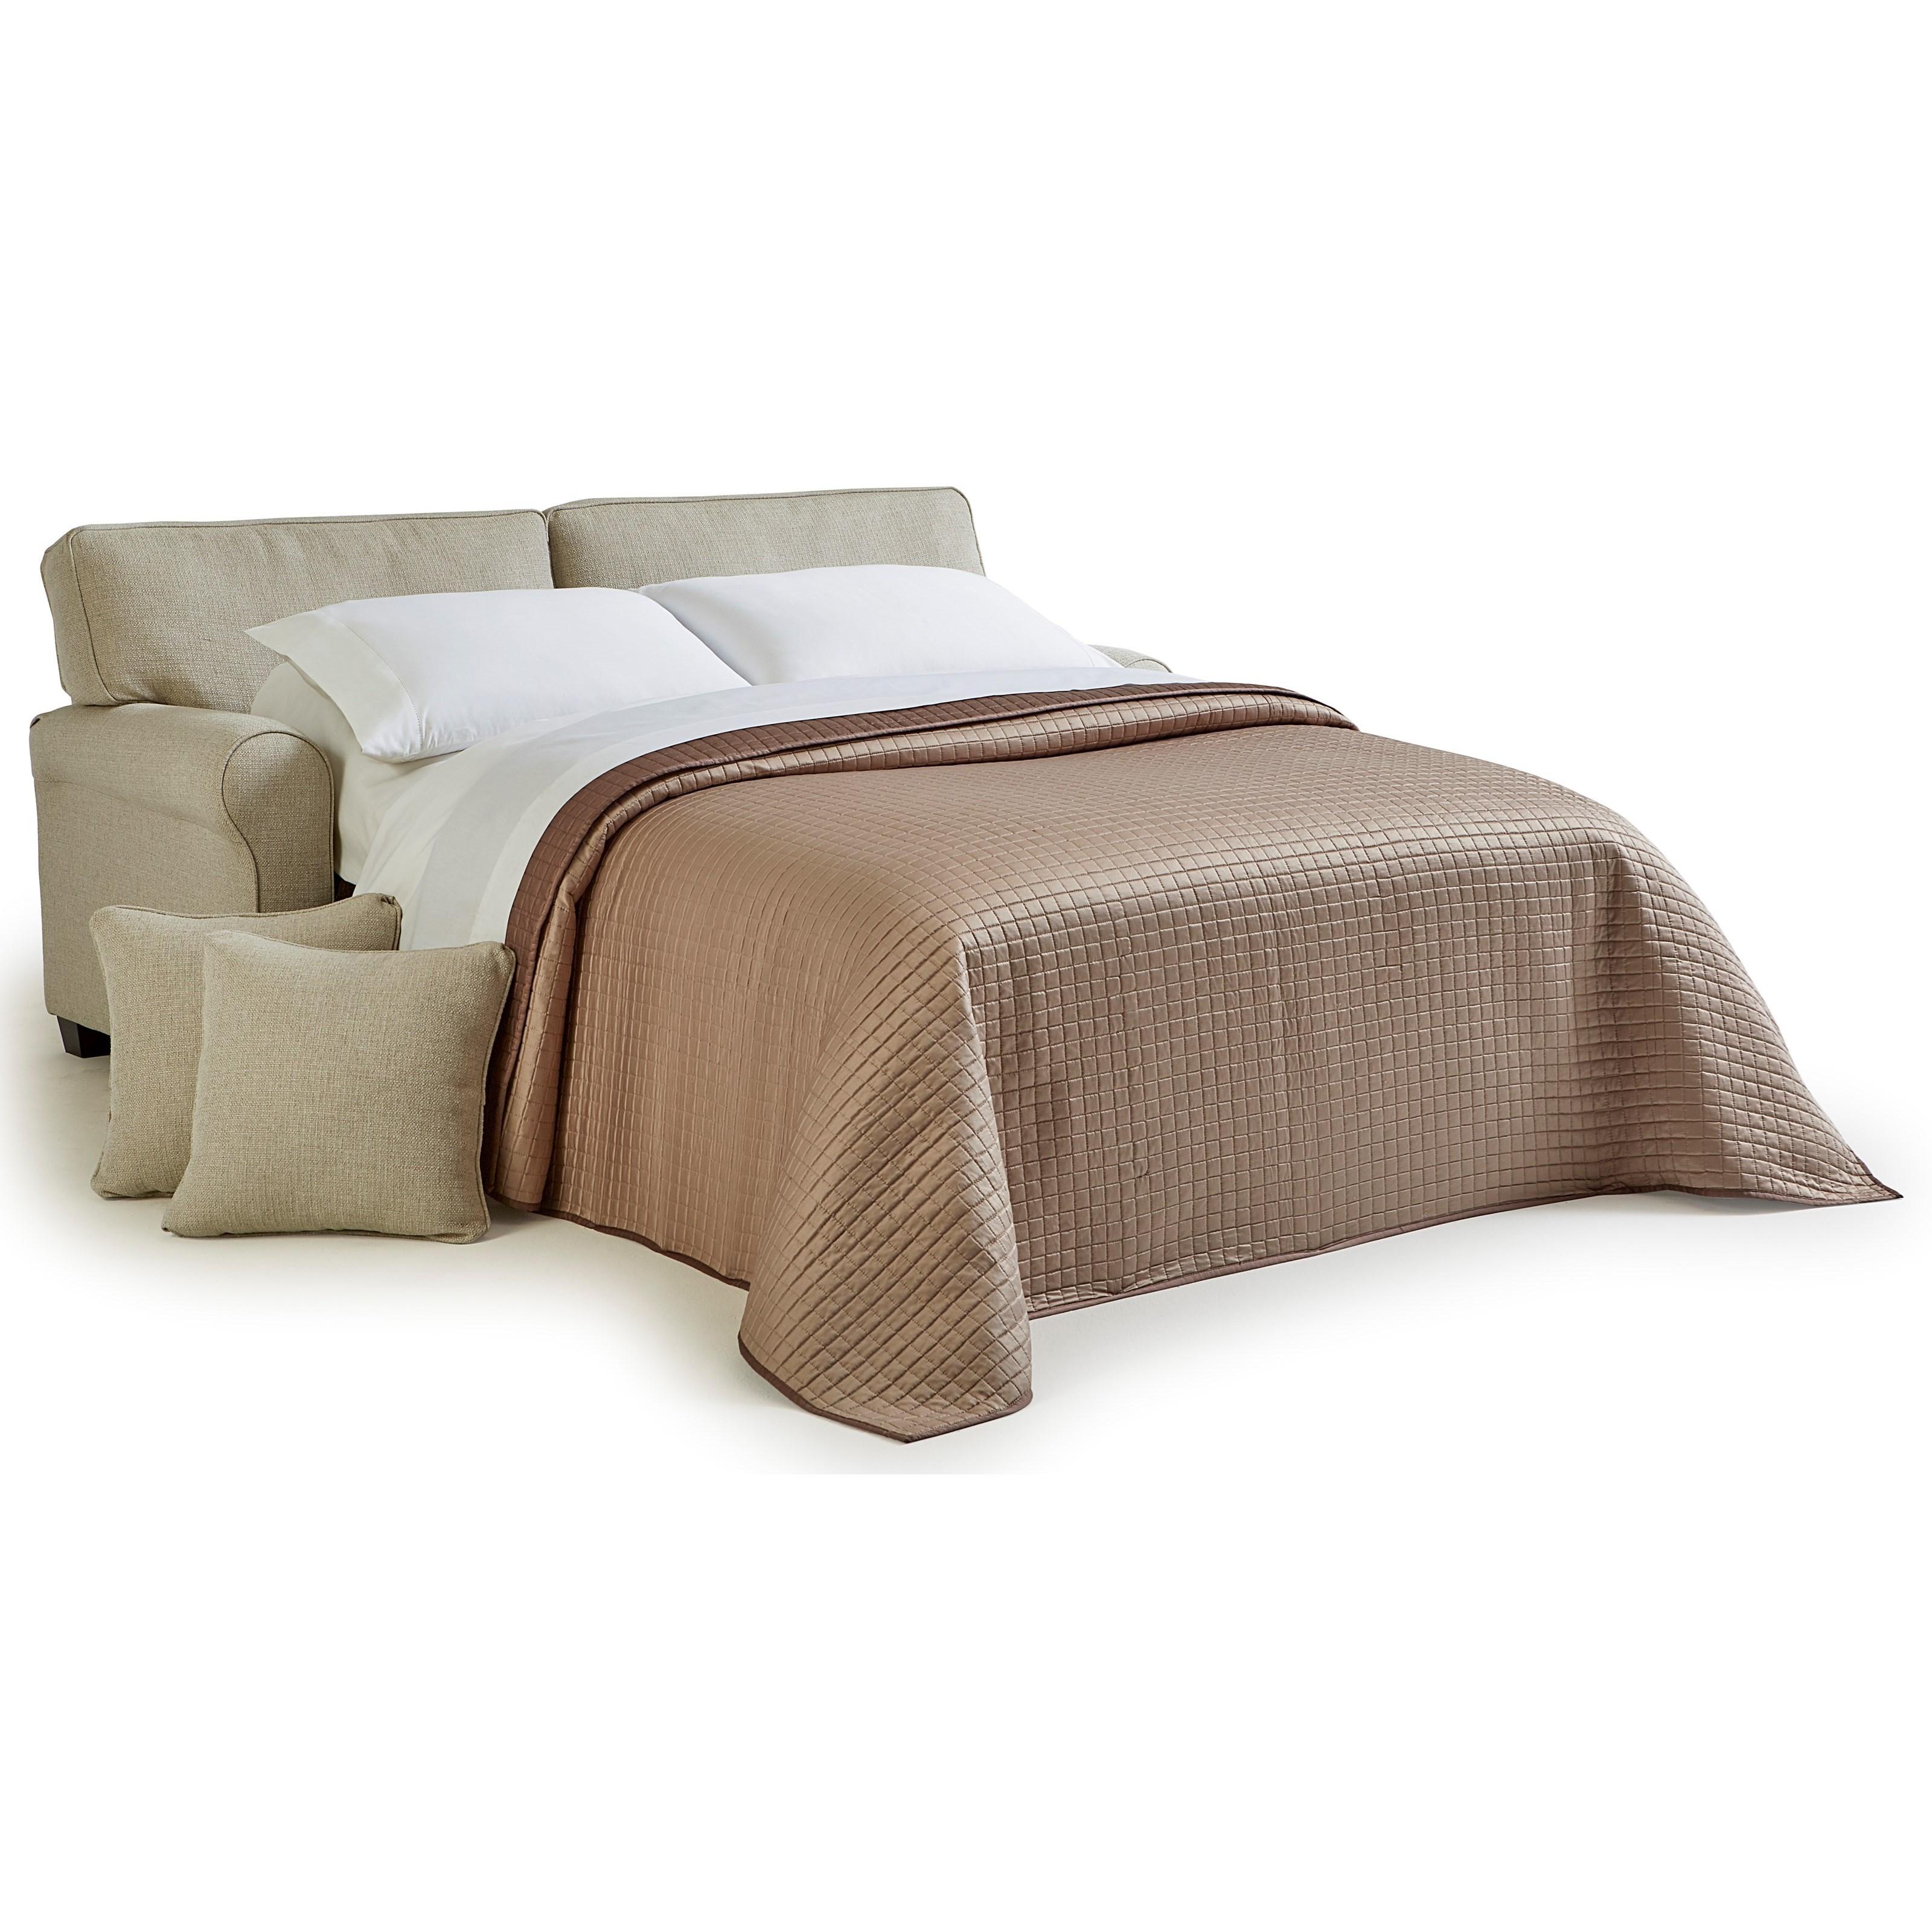 Best Home Furnishings Shannon S14F Full Sofa Sleeper